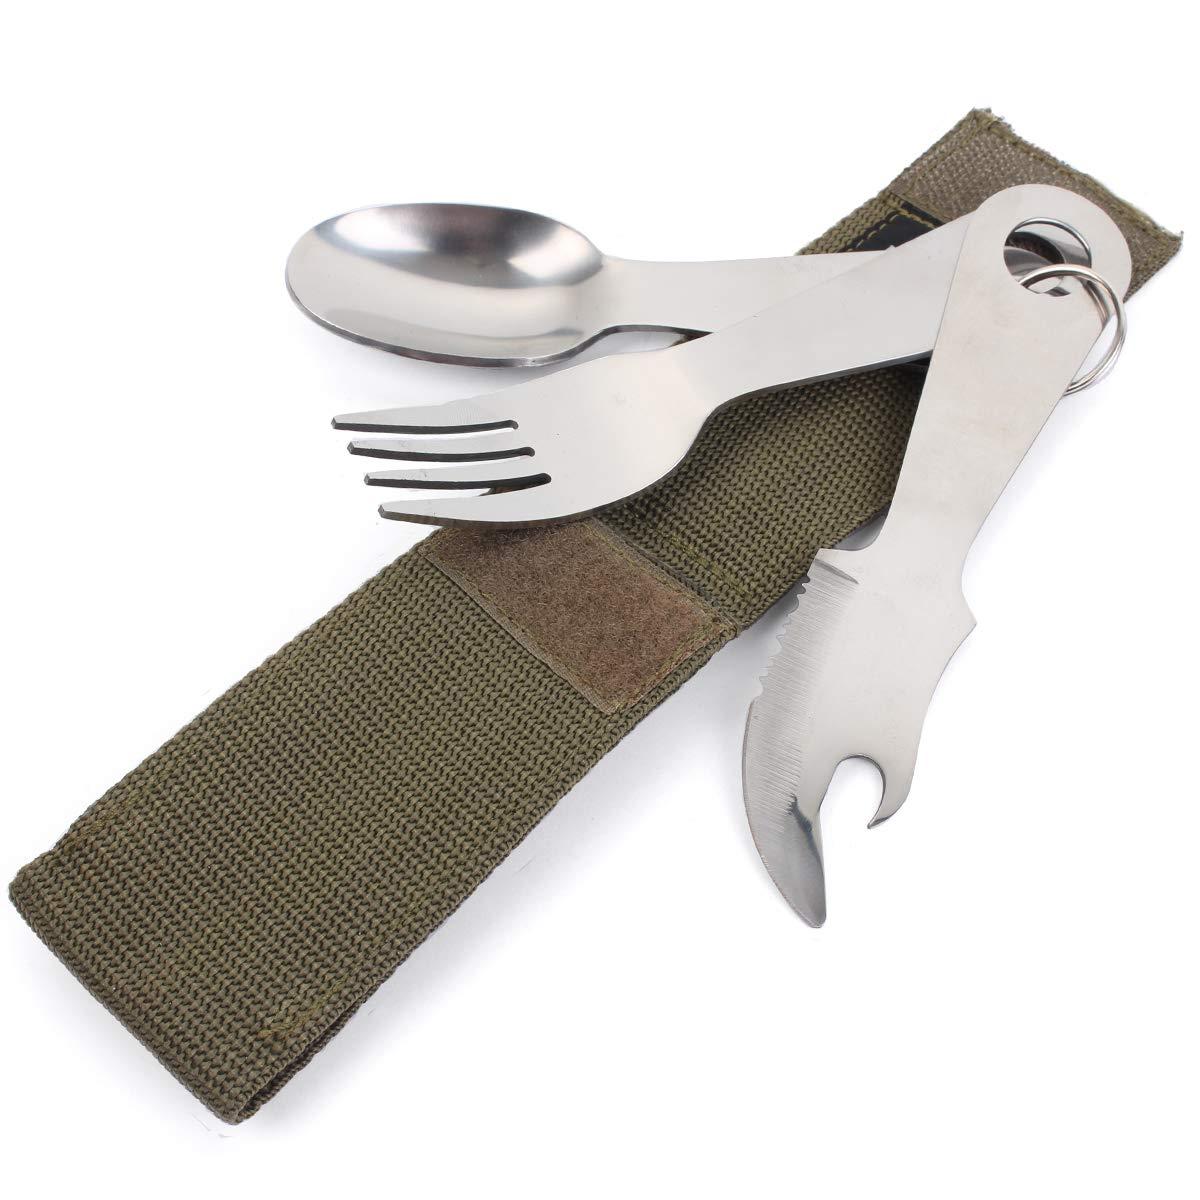 Mil-Tec Juego de cubiertos para acampada 14,5 cm, 170 g, acero inoxidable, incluye bolsa de 12 x 5 x 2,5 cm